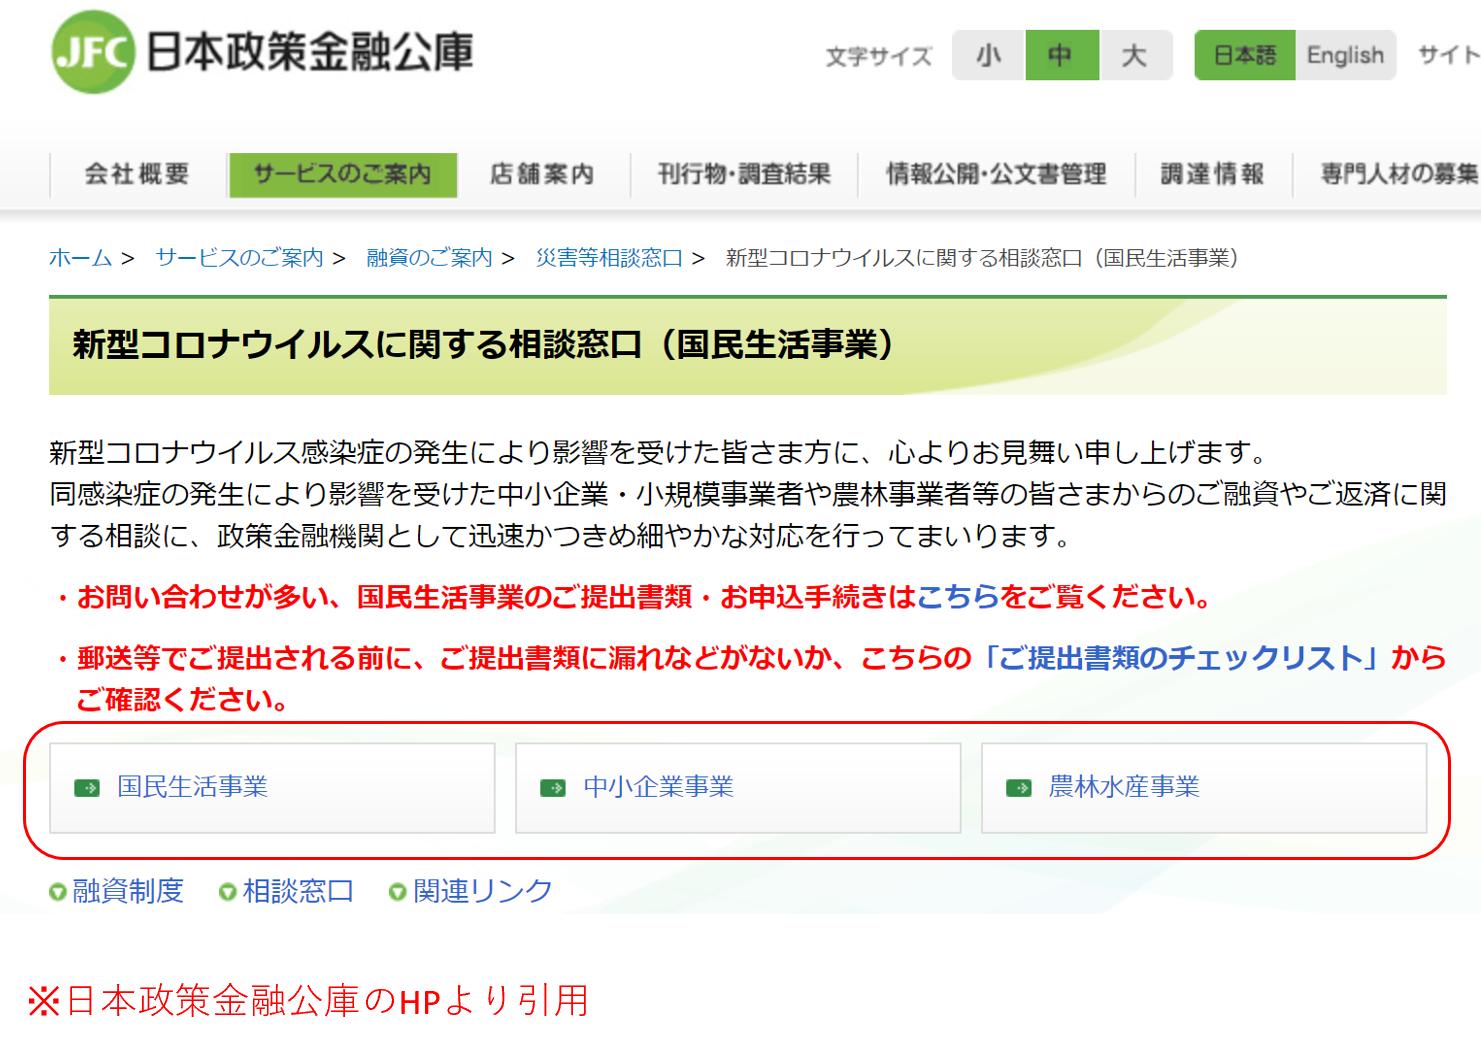 融資 日本 緊急 金融 政策 公庫